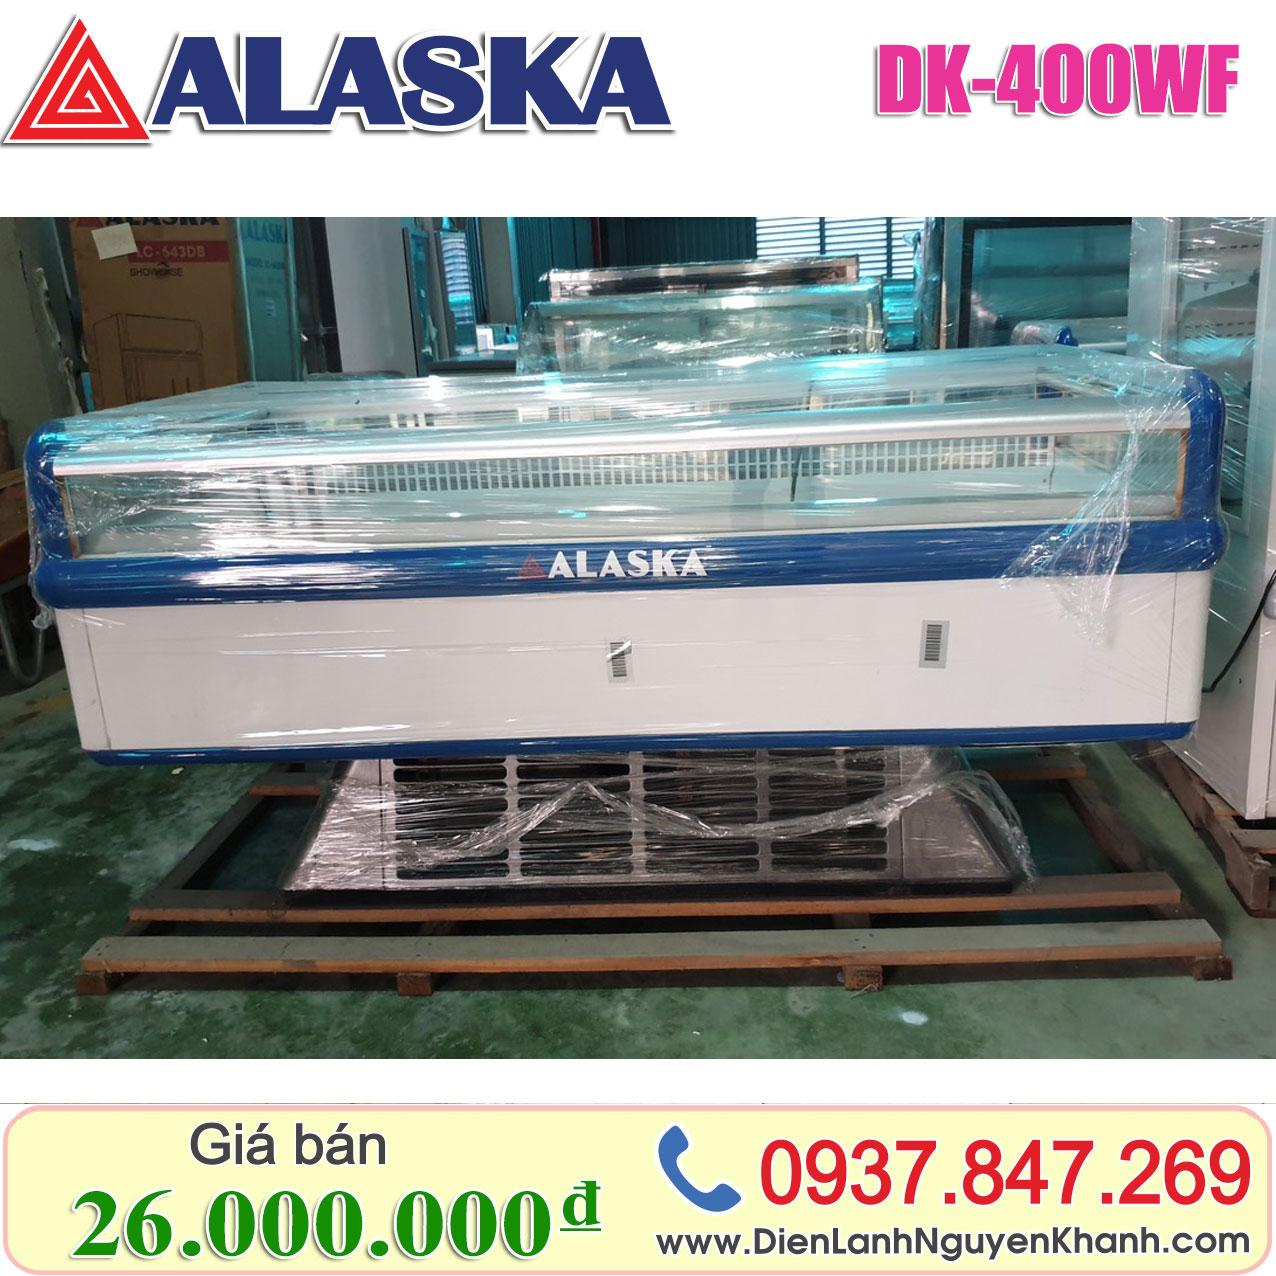 Tủ đông trưng bày siêu thị Alaska 2m DK-400WF